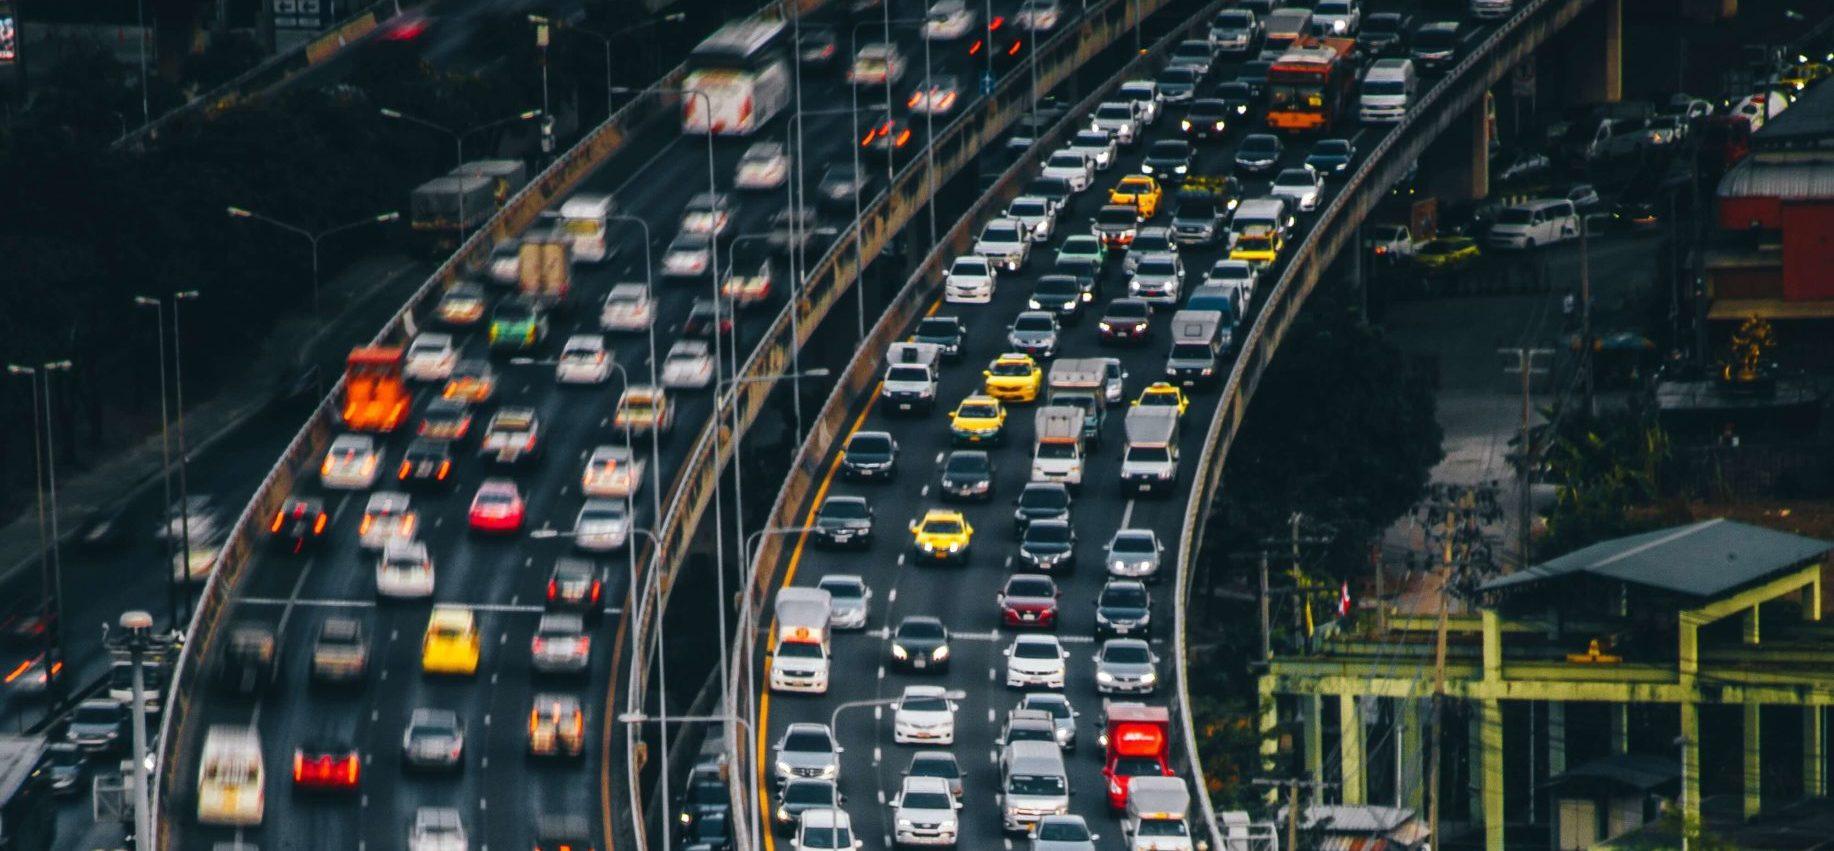 Como Os Dados Podem Otimizar A Mobilidade Urbana?